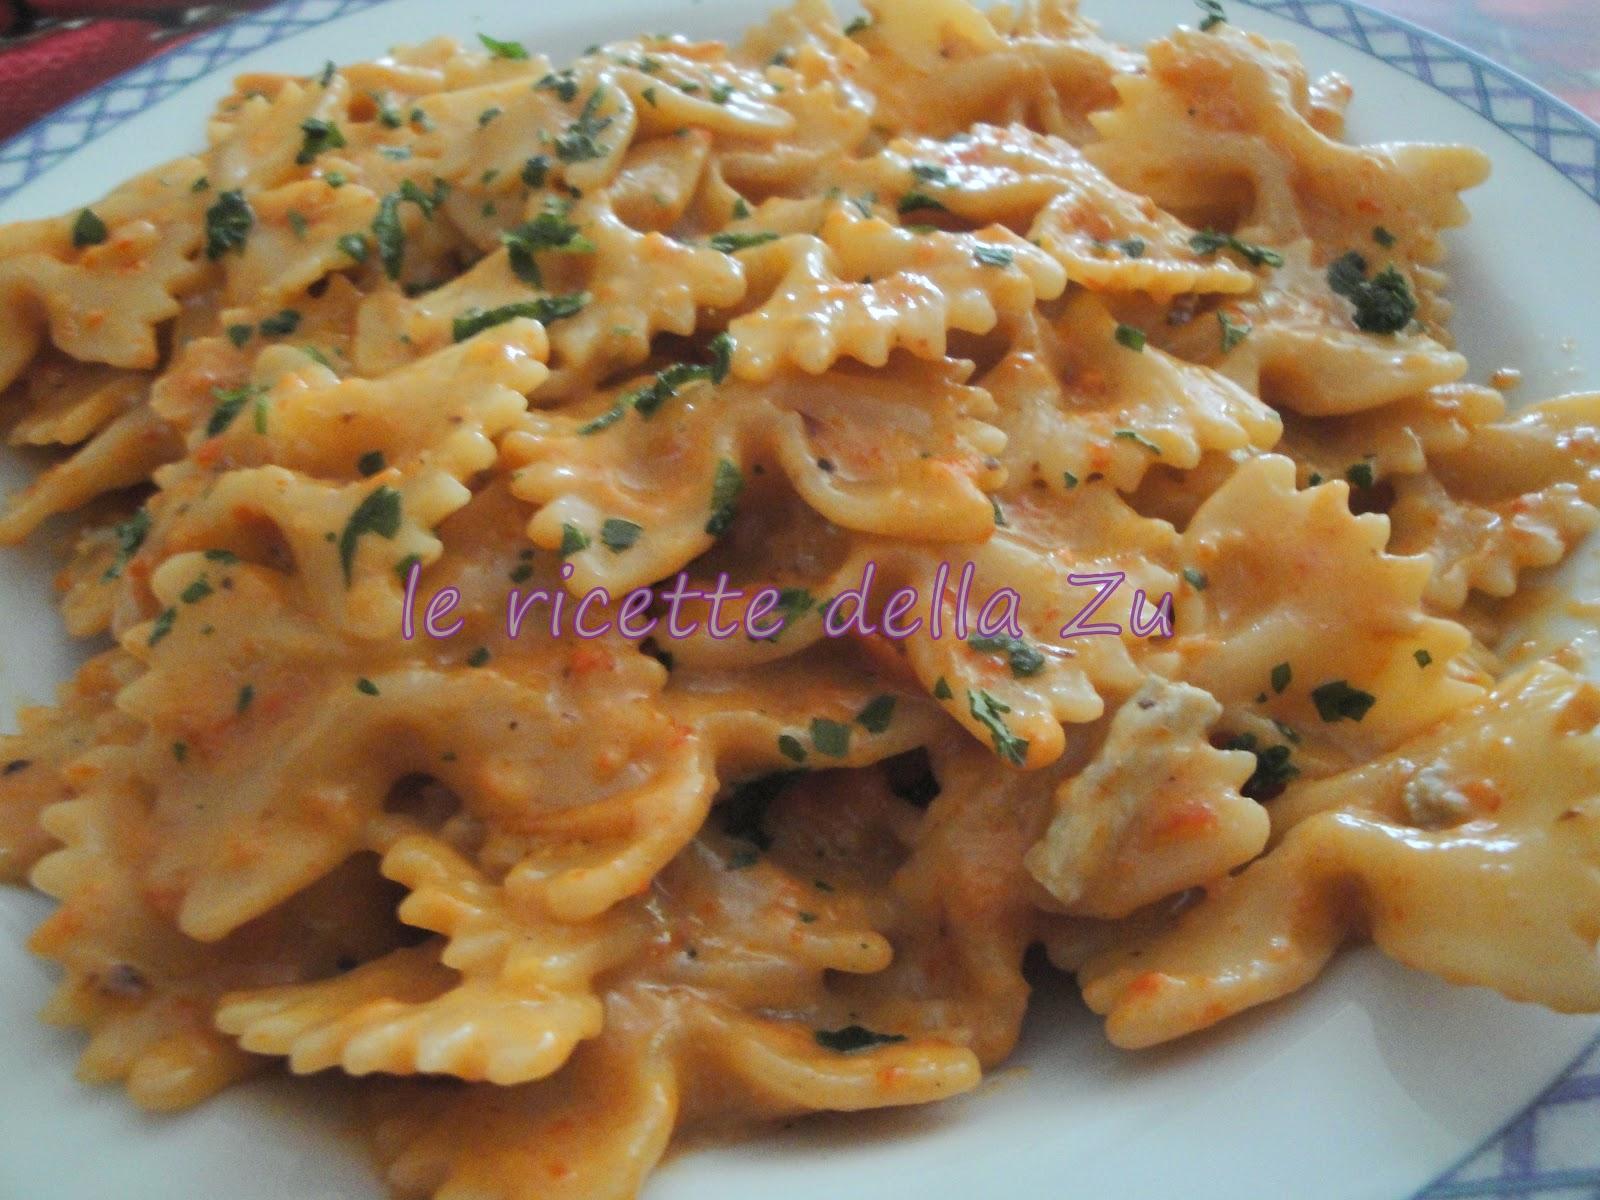 Ricette per condimenti di pasta ricette casalinghe popolari for Ricette di pasta